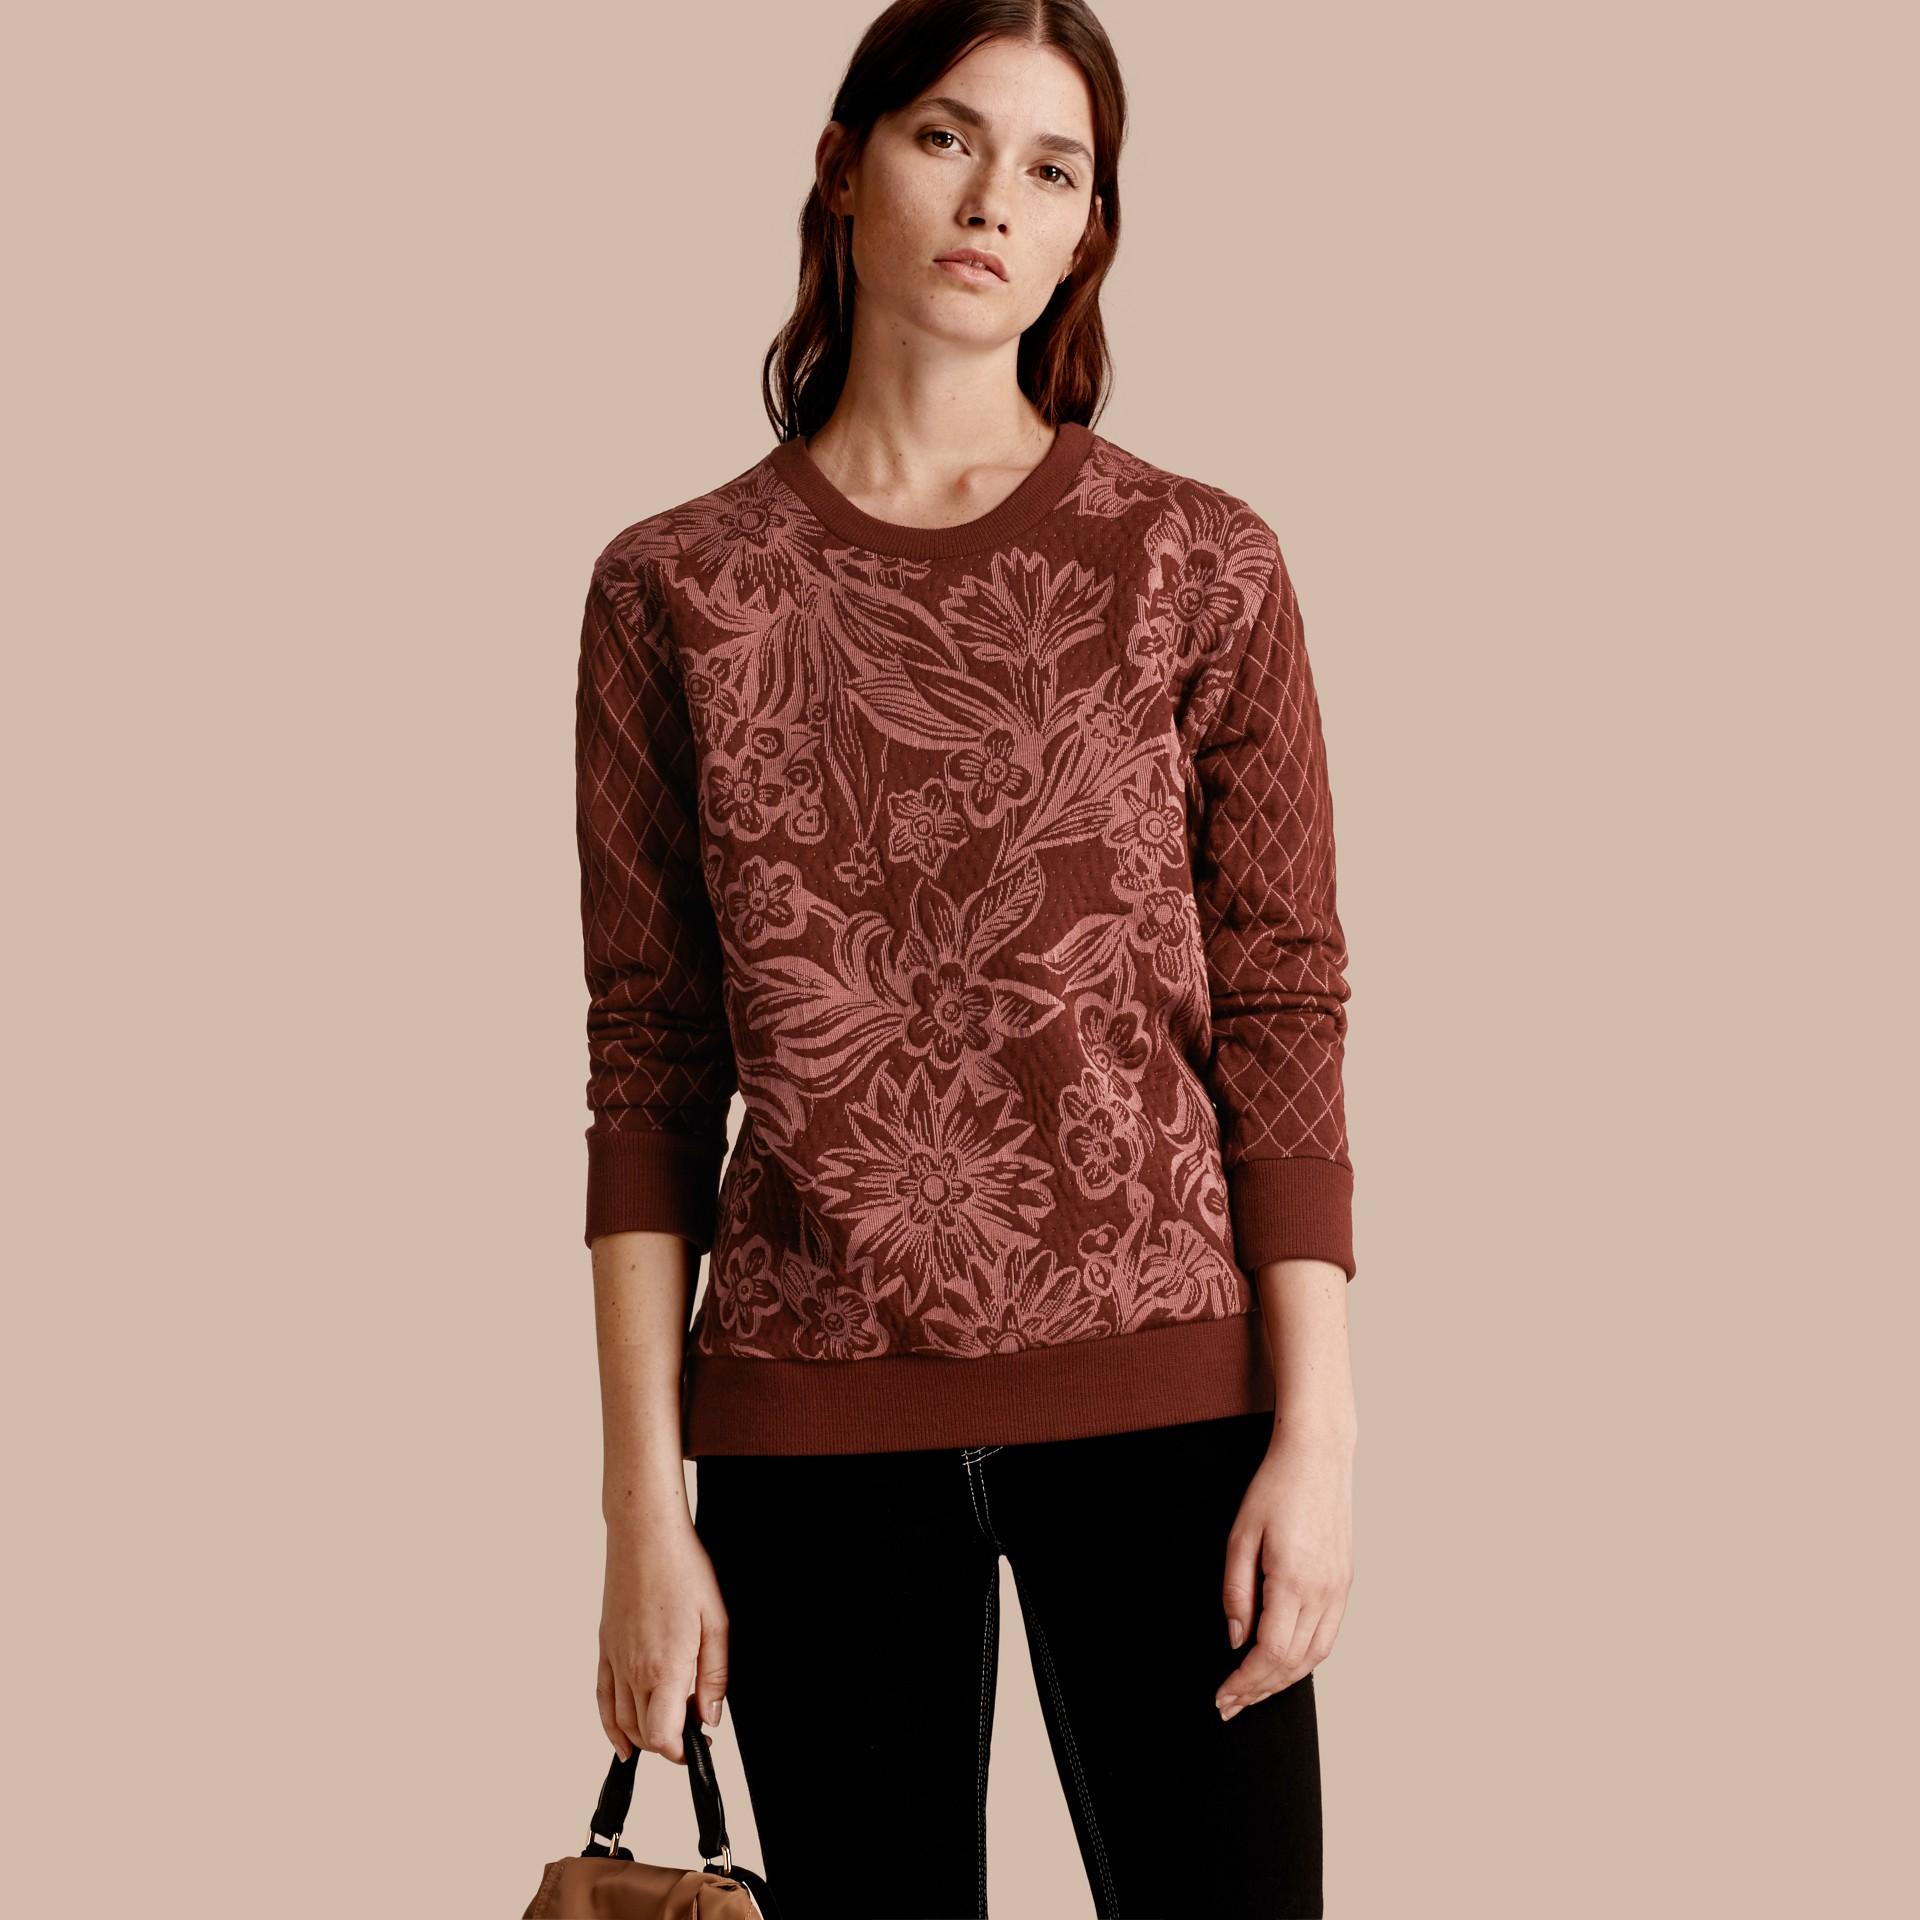 Granata Pullover in misto cotone e lana con motivo floreale in jacquard - immagine della galleria 1